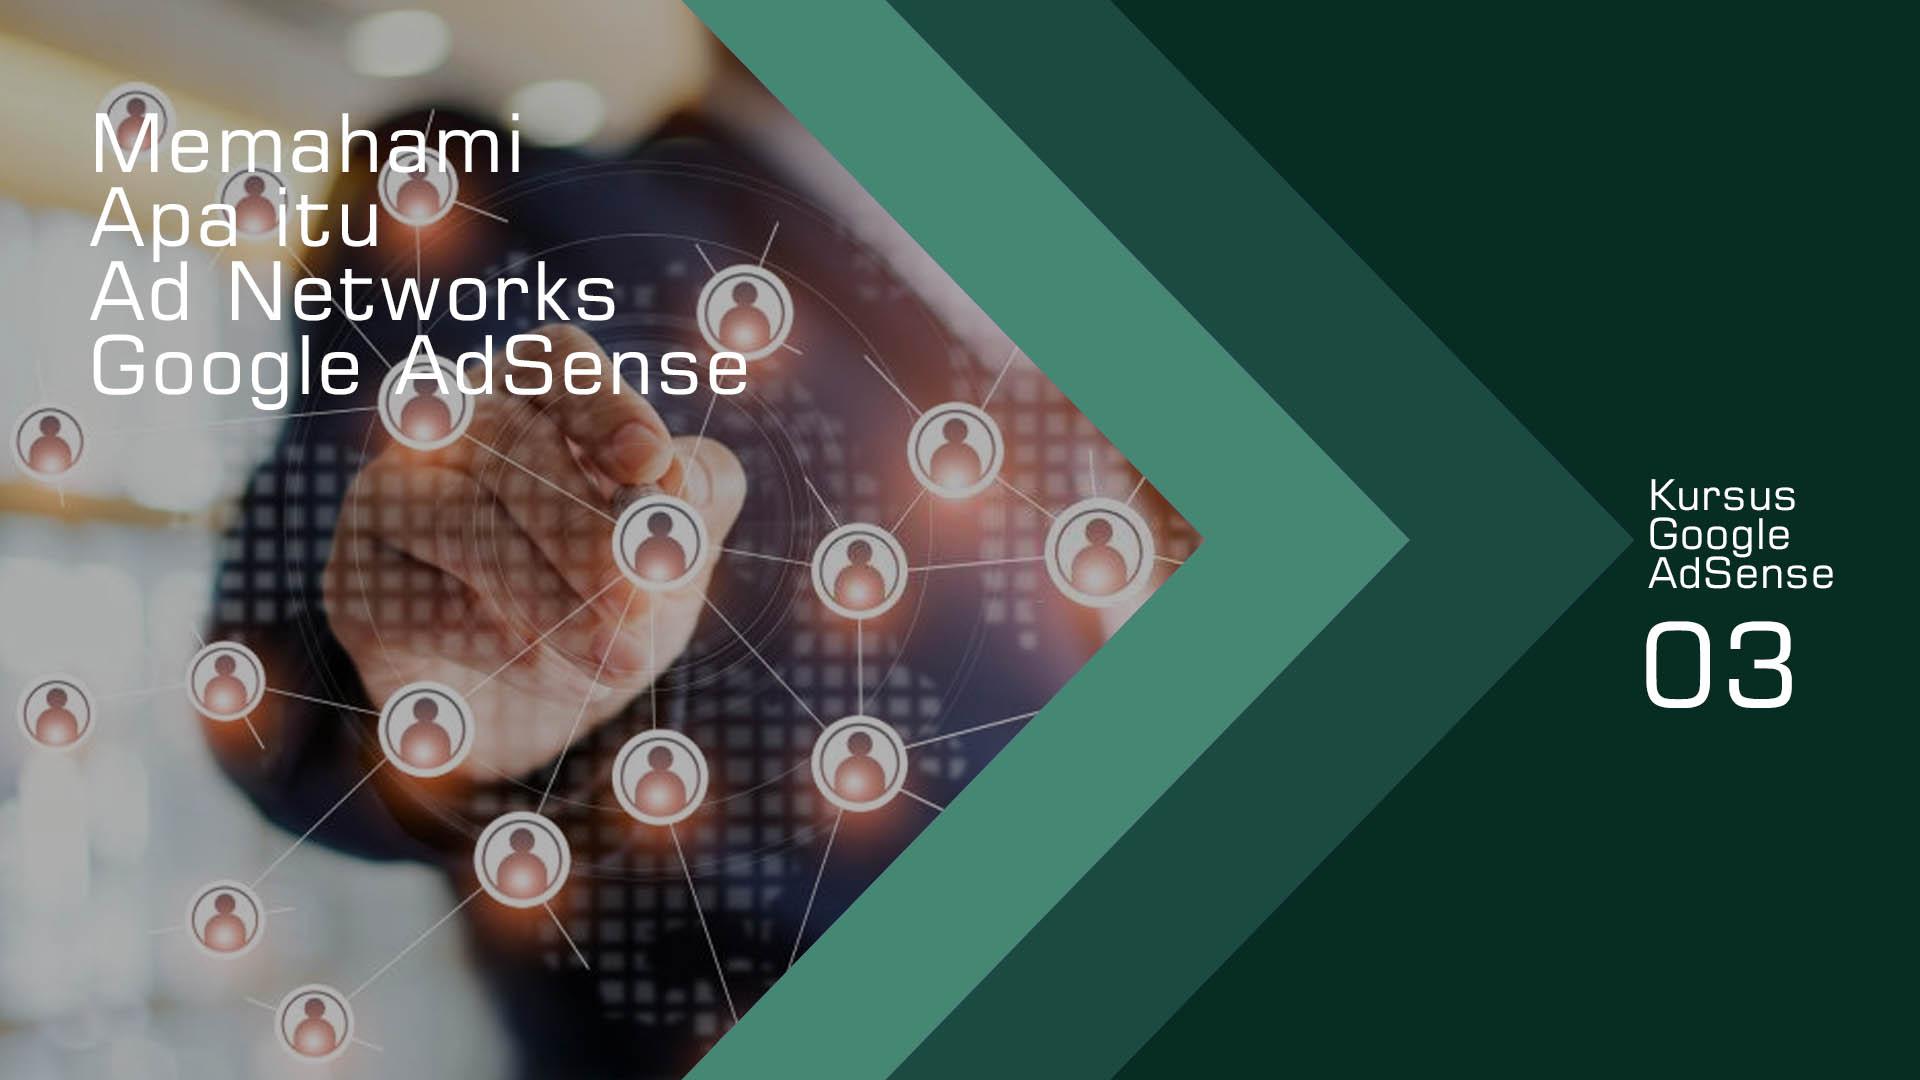 Memahami Apa Itu Ad Networks